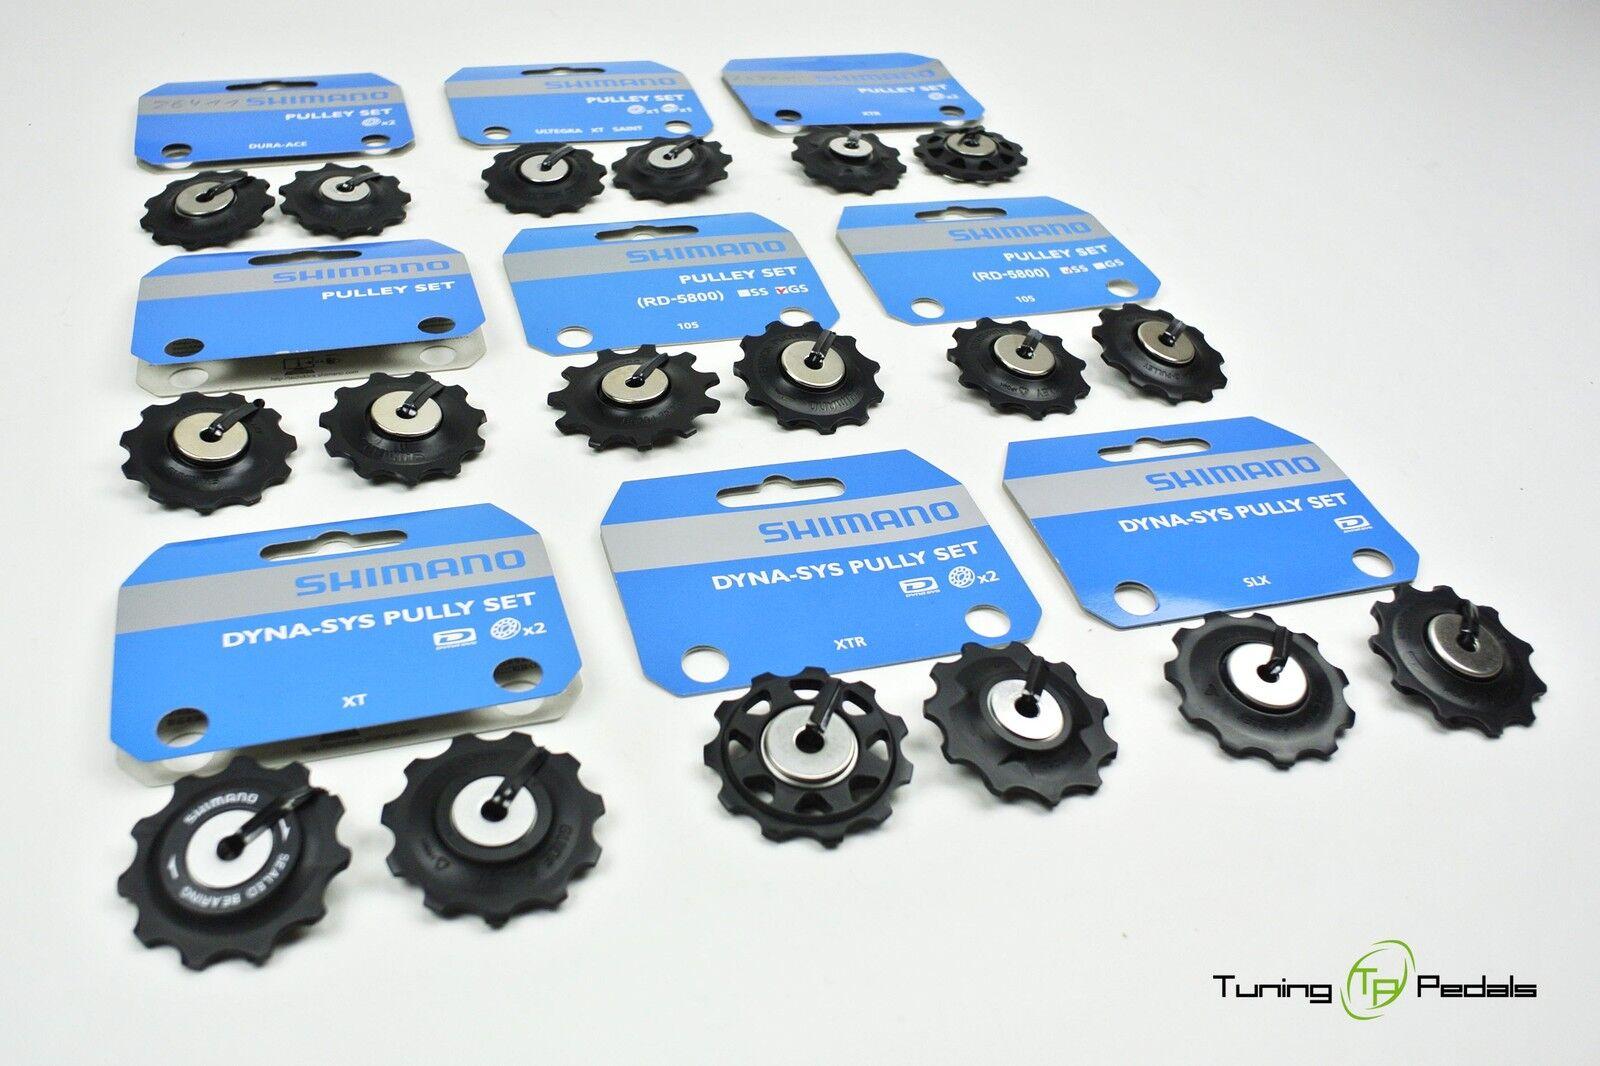 Shimano 10 Veces Pulley Set,Ruedas Direccionales,Juego Desplazante Deore,Slx ,